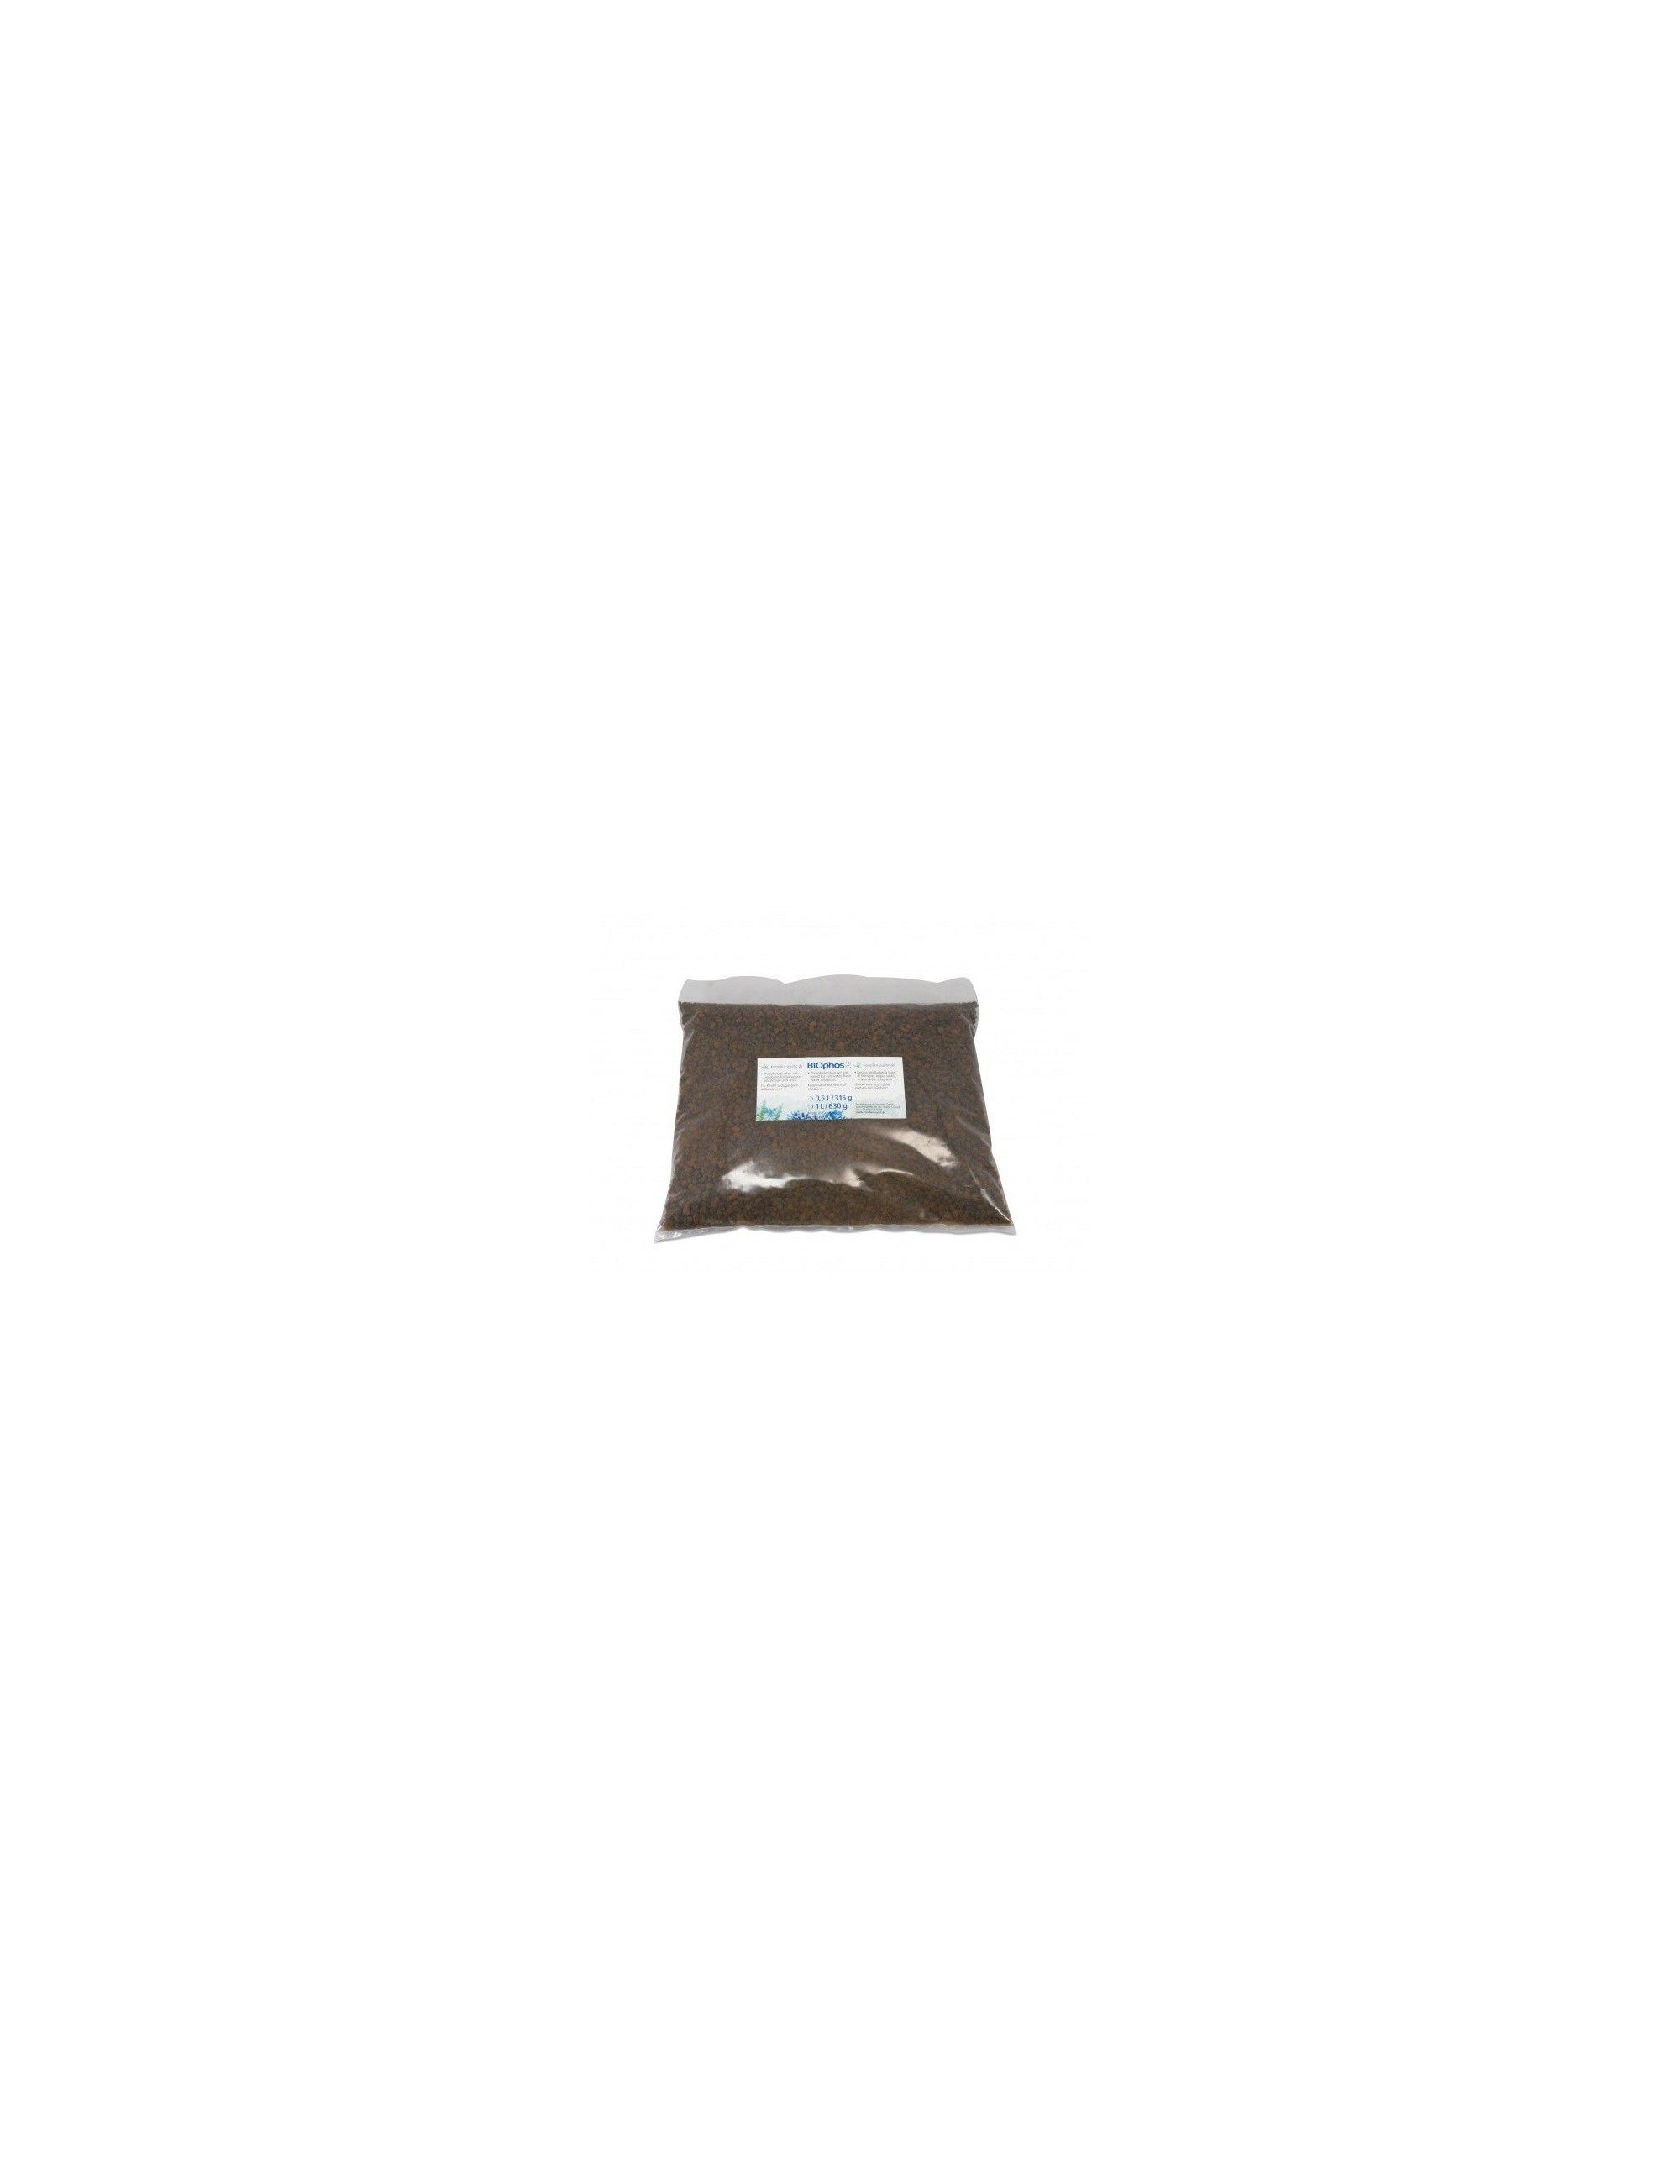 KORALLEN-ZUCHT Biophos 2 Adsorbant Phosphate 500ml